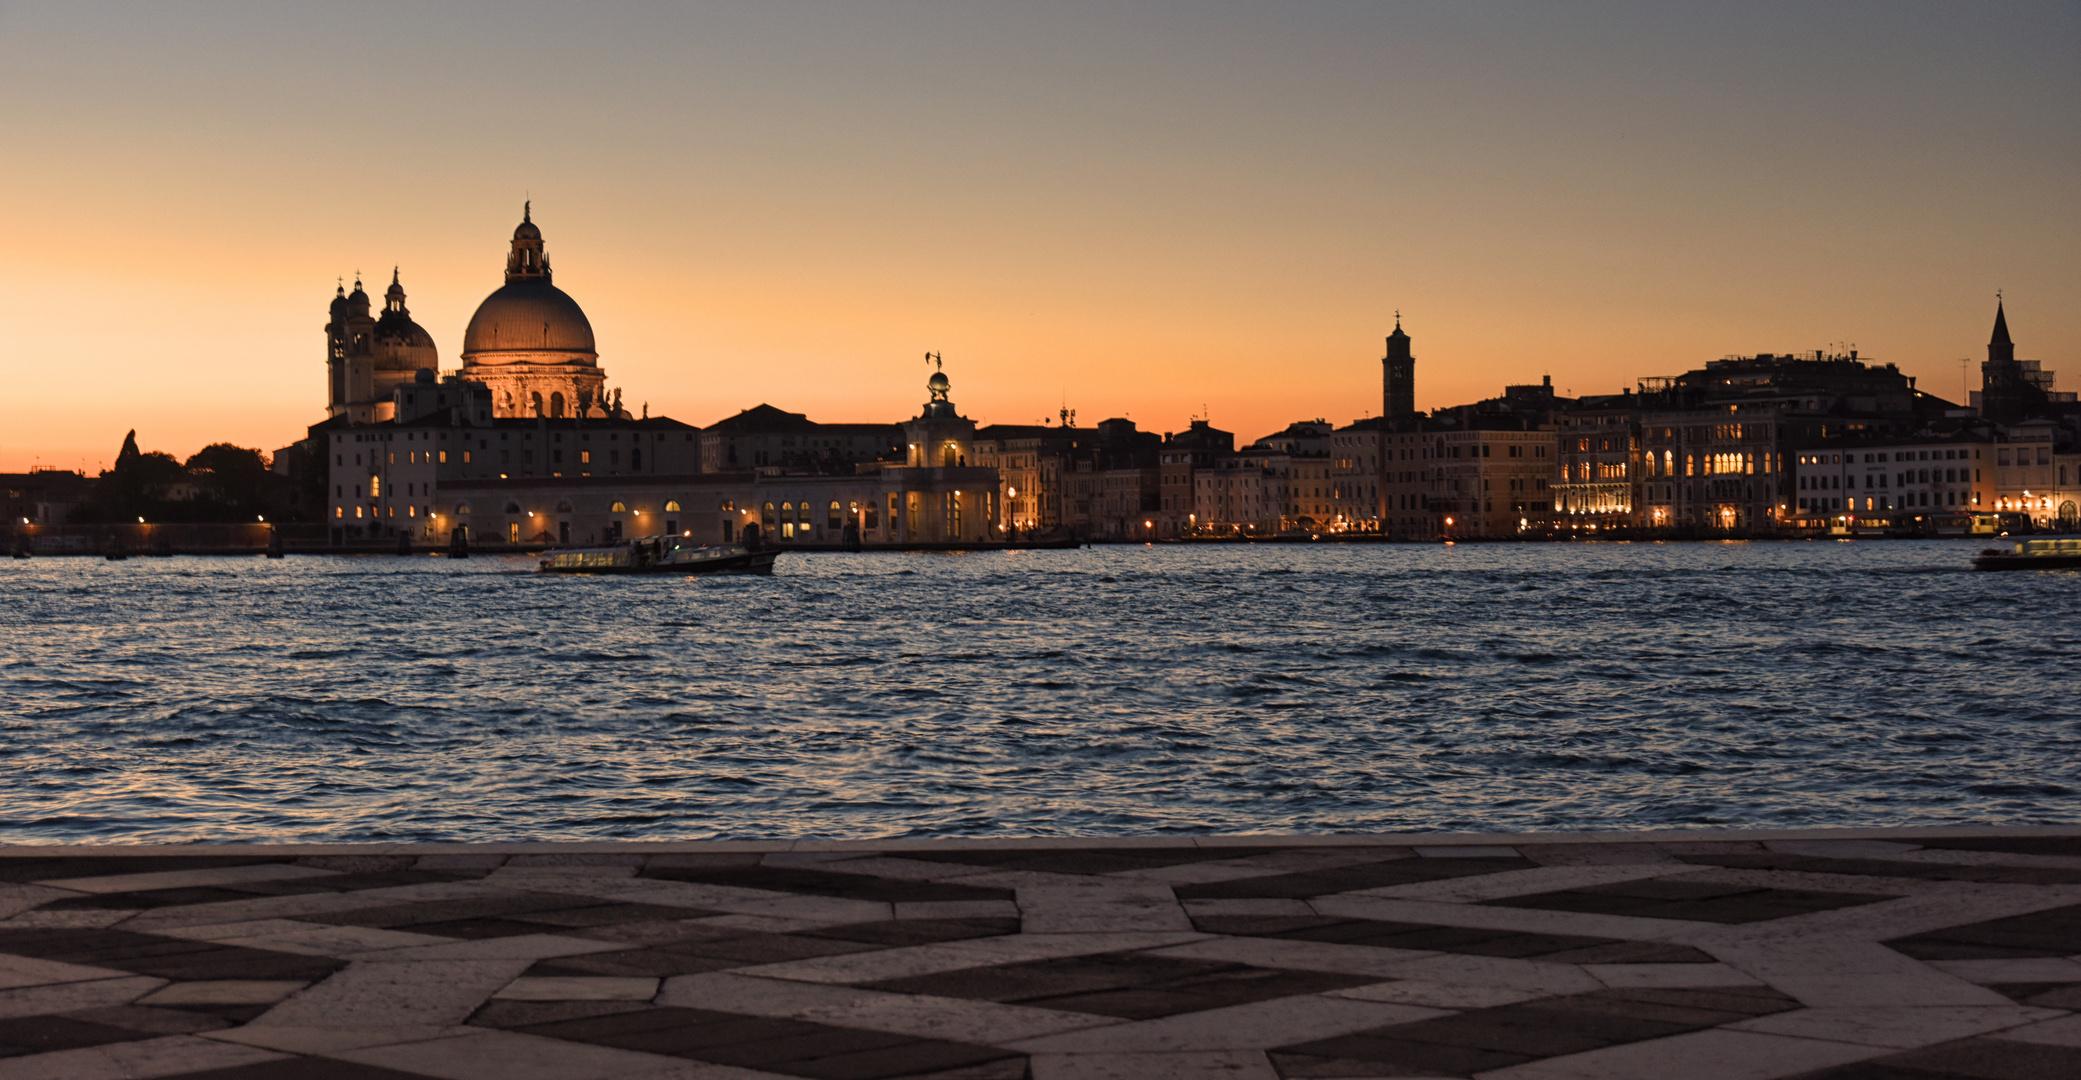 2020 11. Venedig